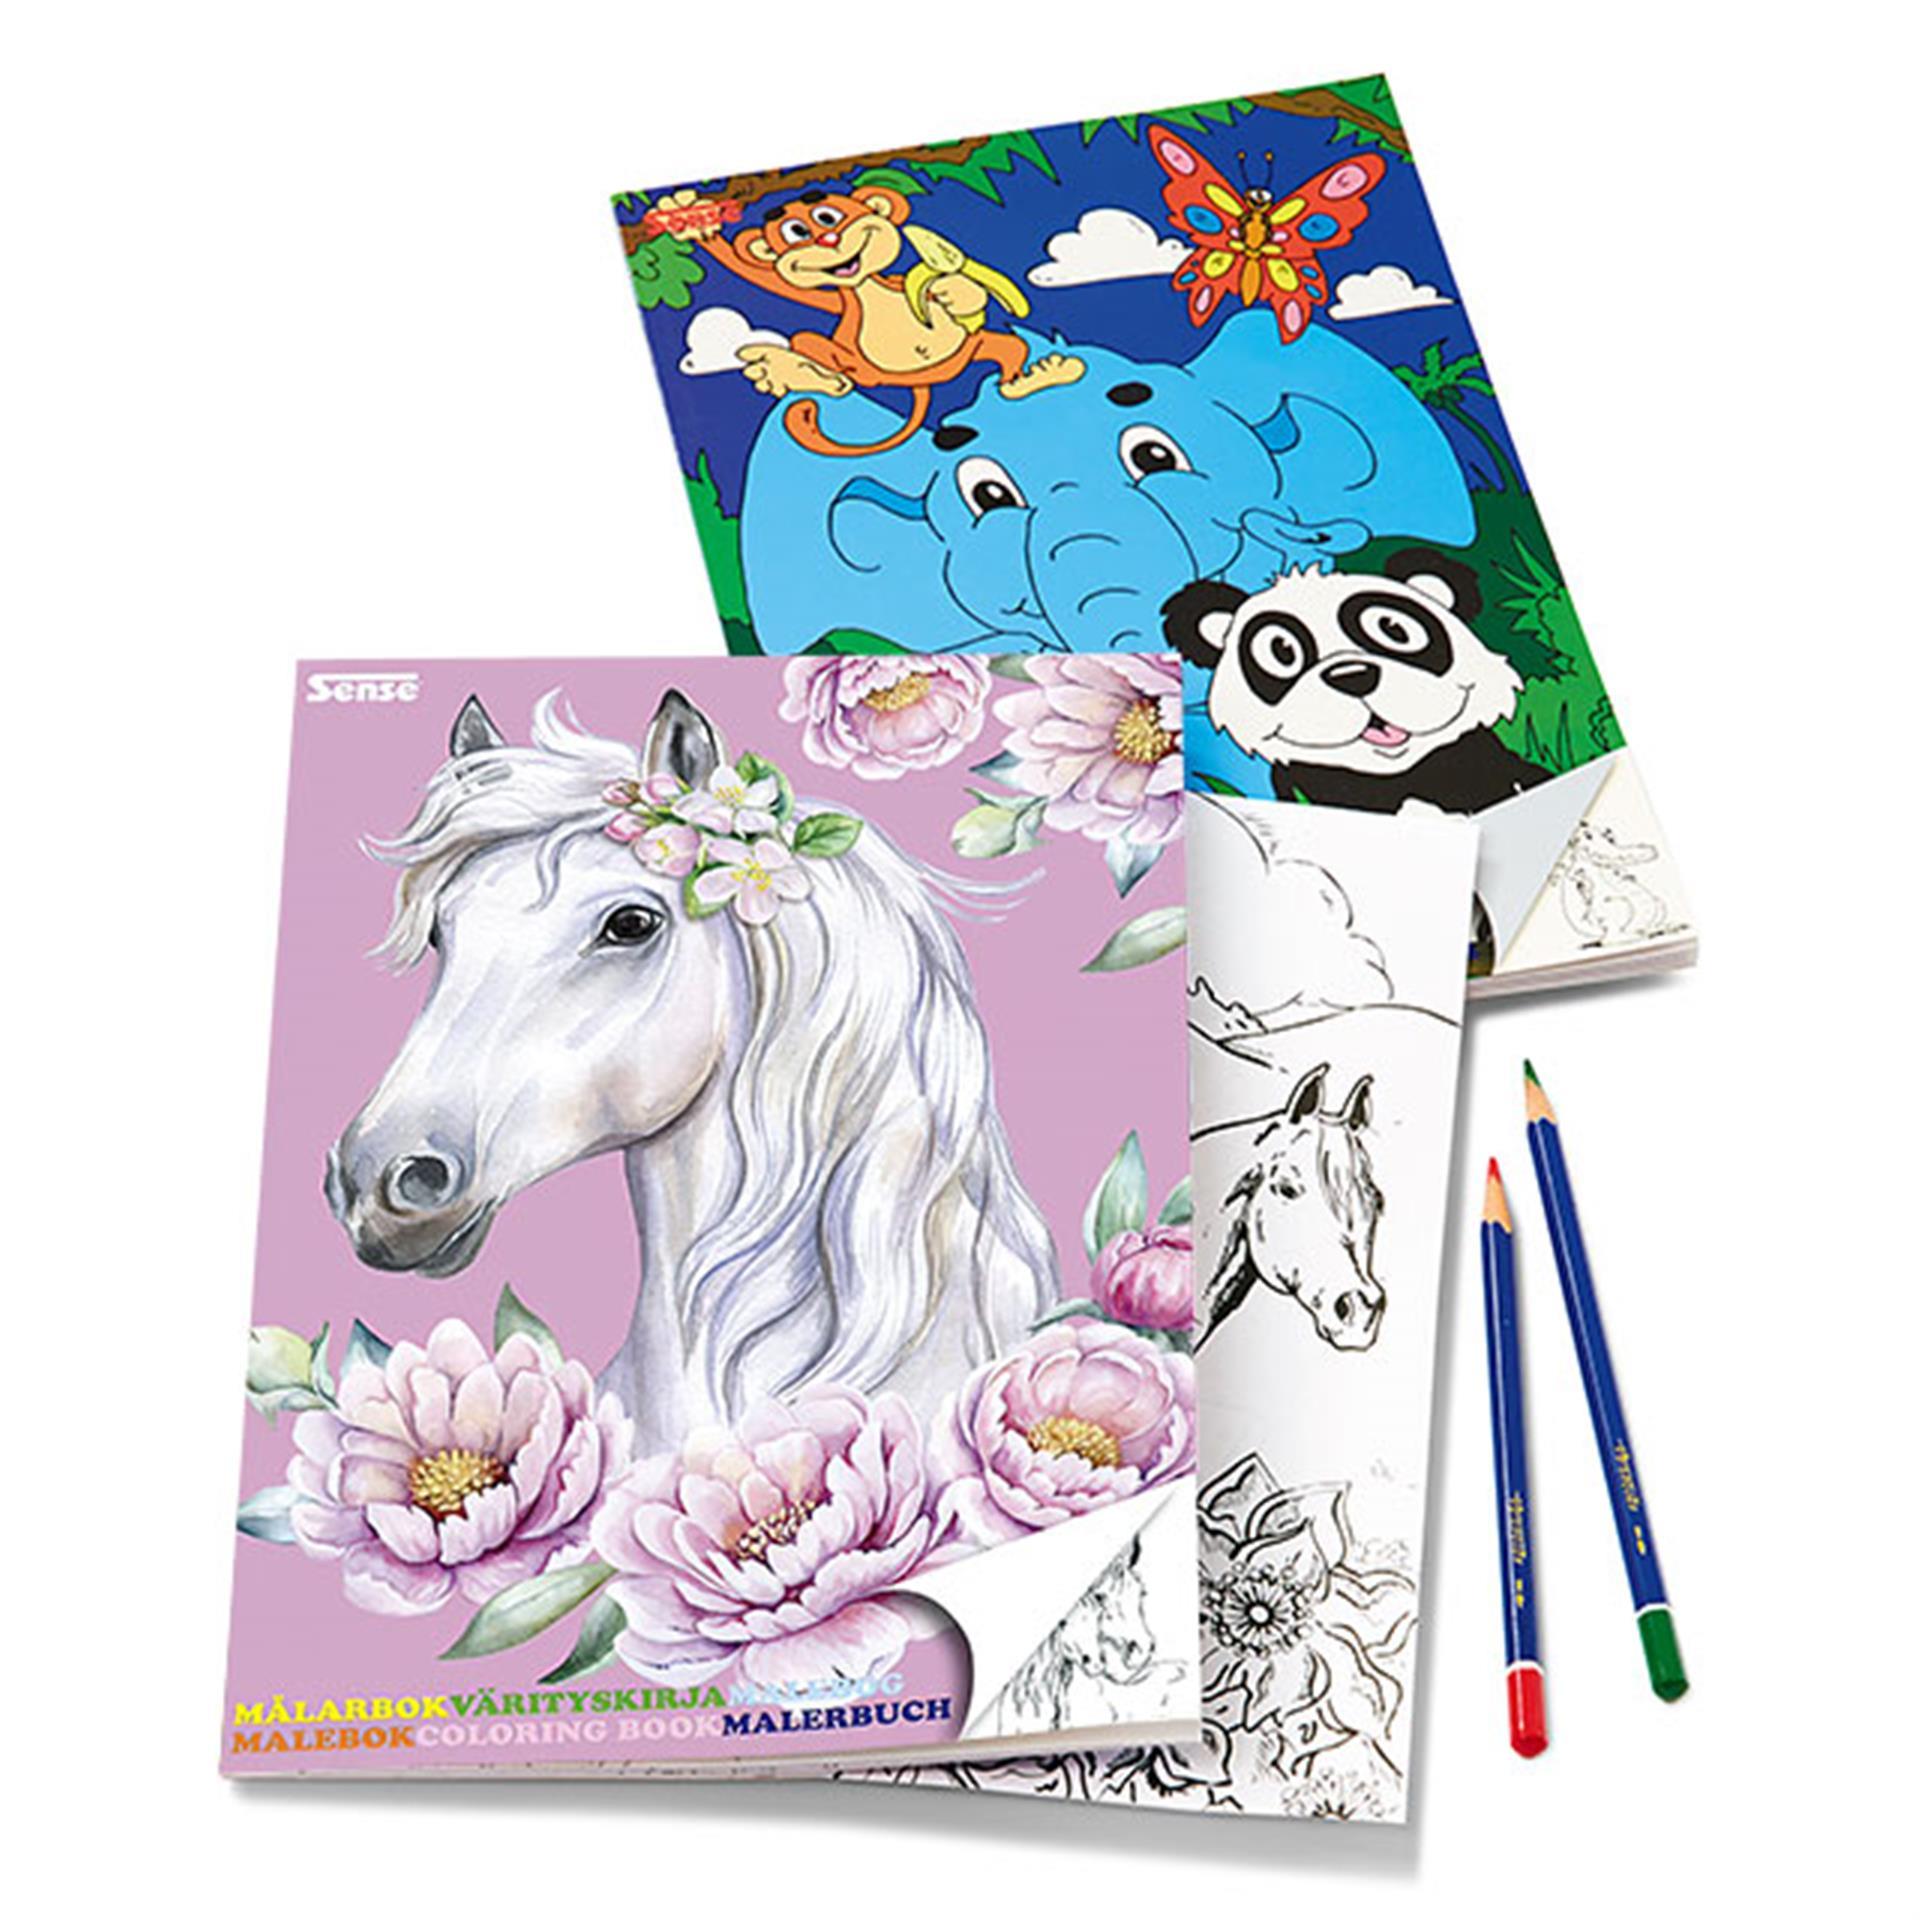 Malbuch 2 Stk. Tiere und Pferde